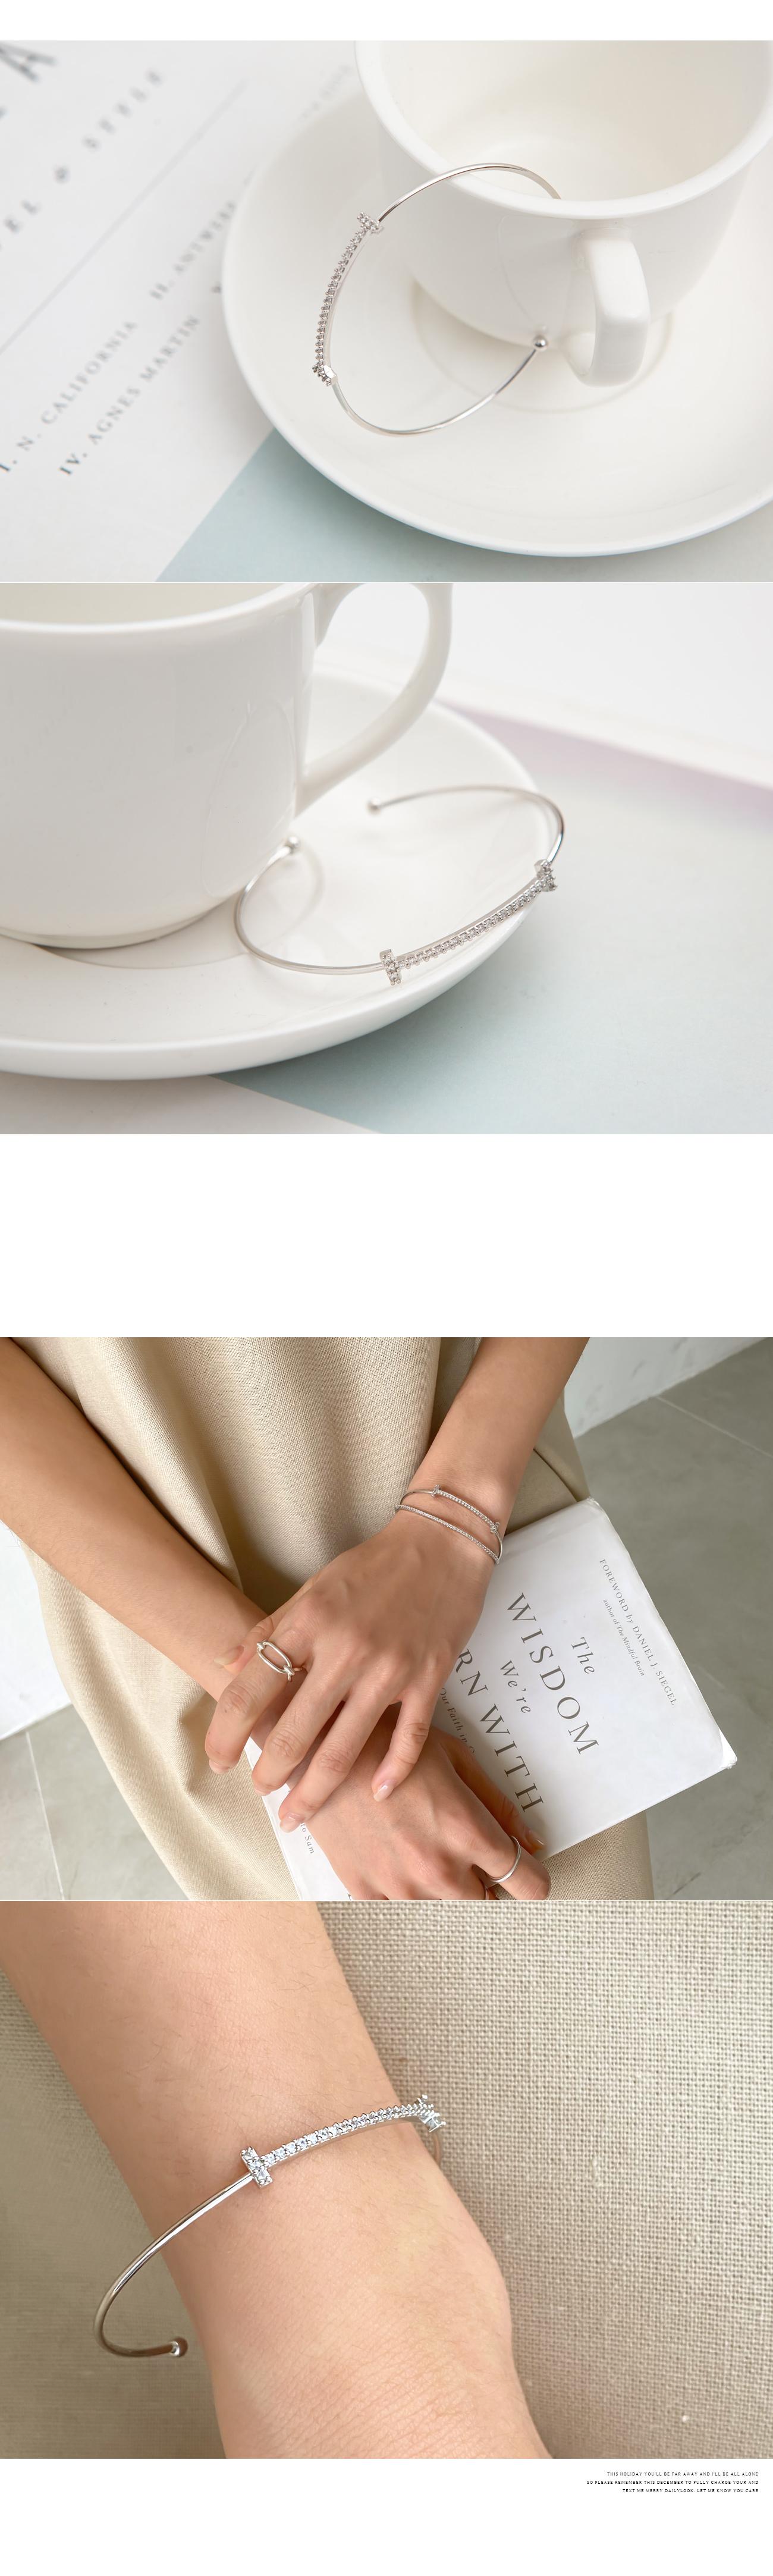 Cubic Trim Bracelet #86241